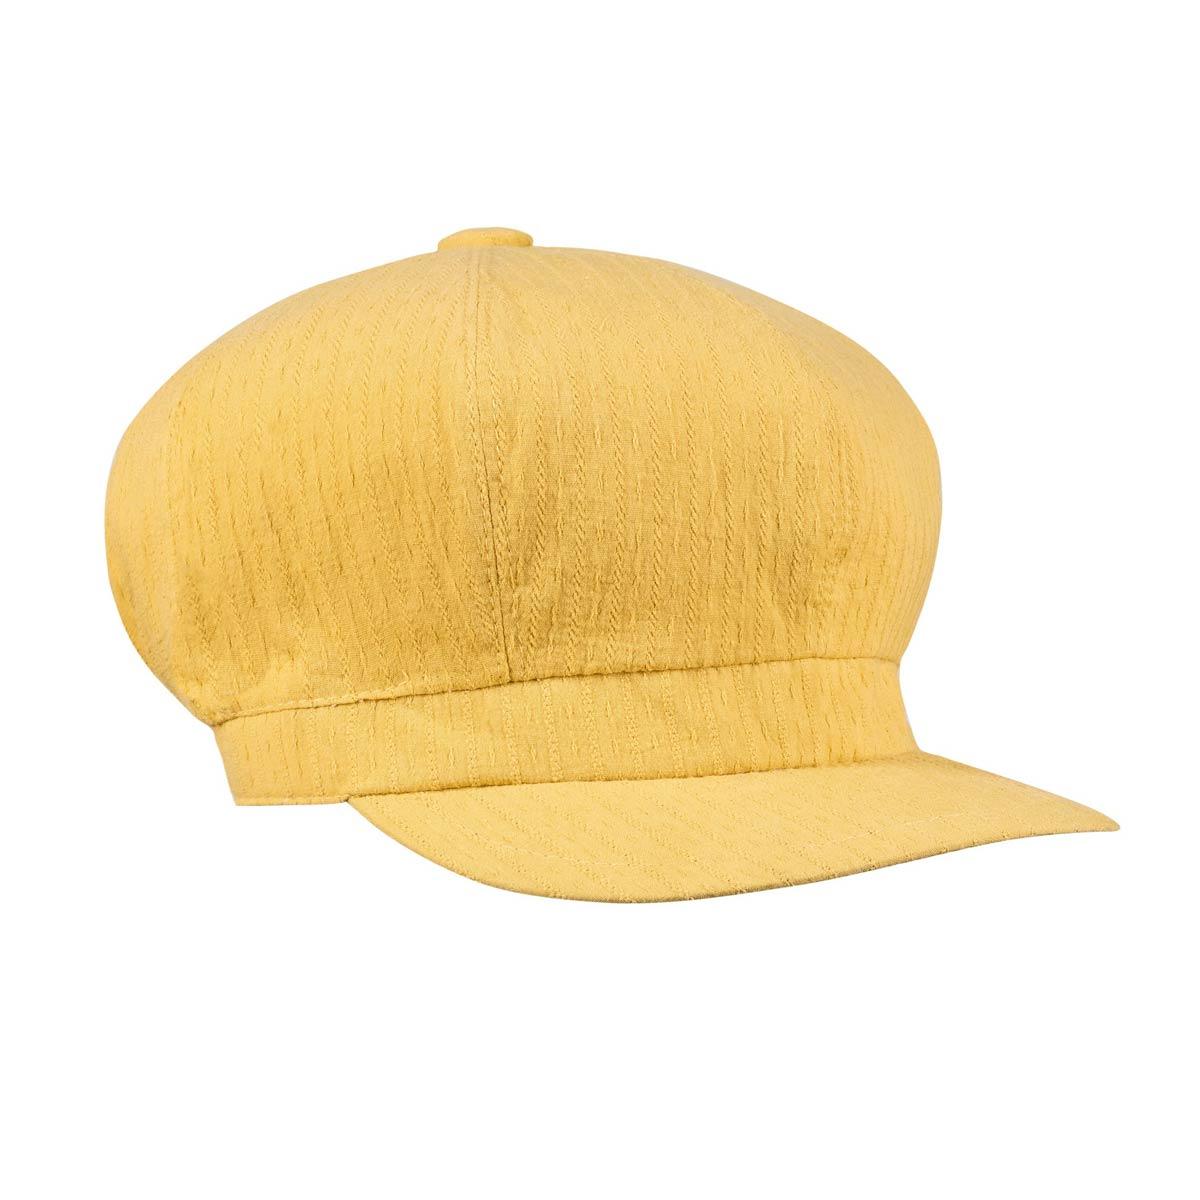 CP-01632_F12-1--_casquette-femme-gavroche-jaune